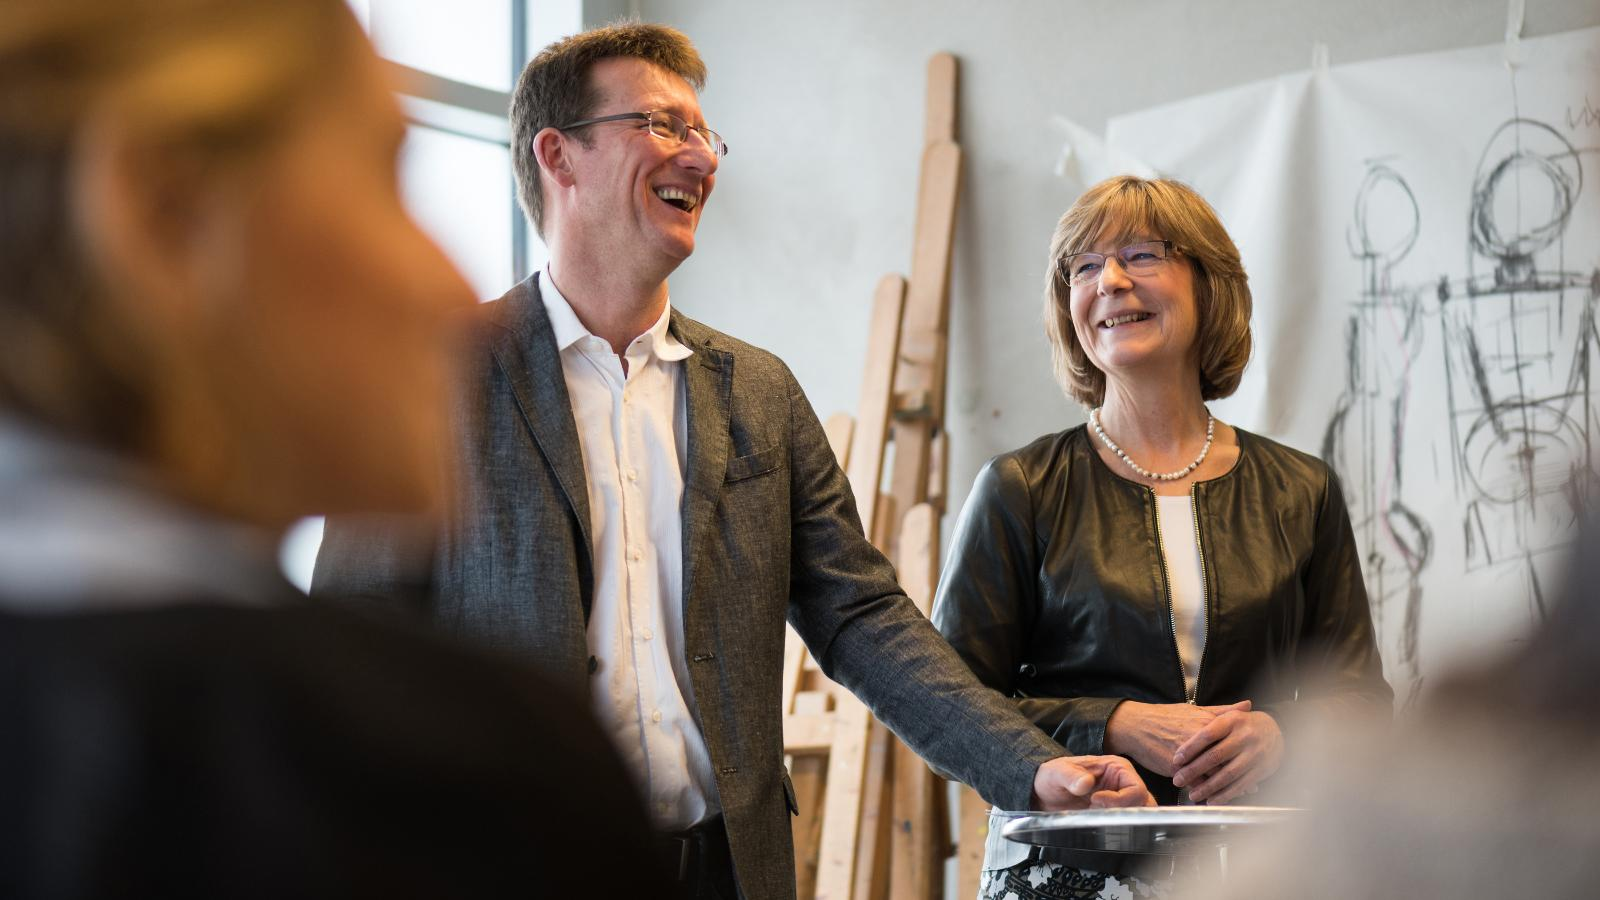 Sven Ehrecke, Vorstands-Mitglied der Karo gAG, und Ute Römer, Vorstands-Mitglied der Stadtwerke Rostock,  in den Räumen der Frieda 23